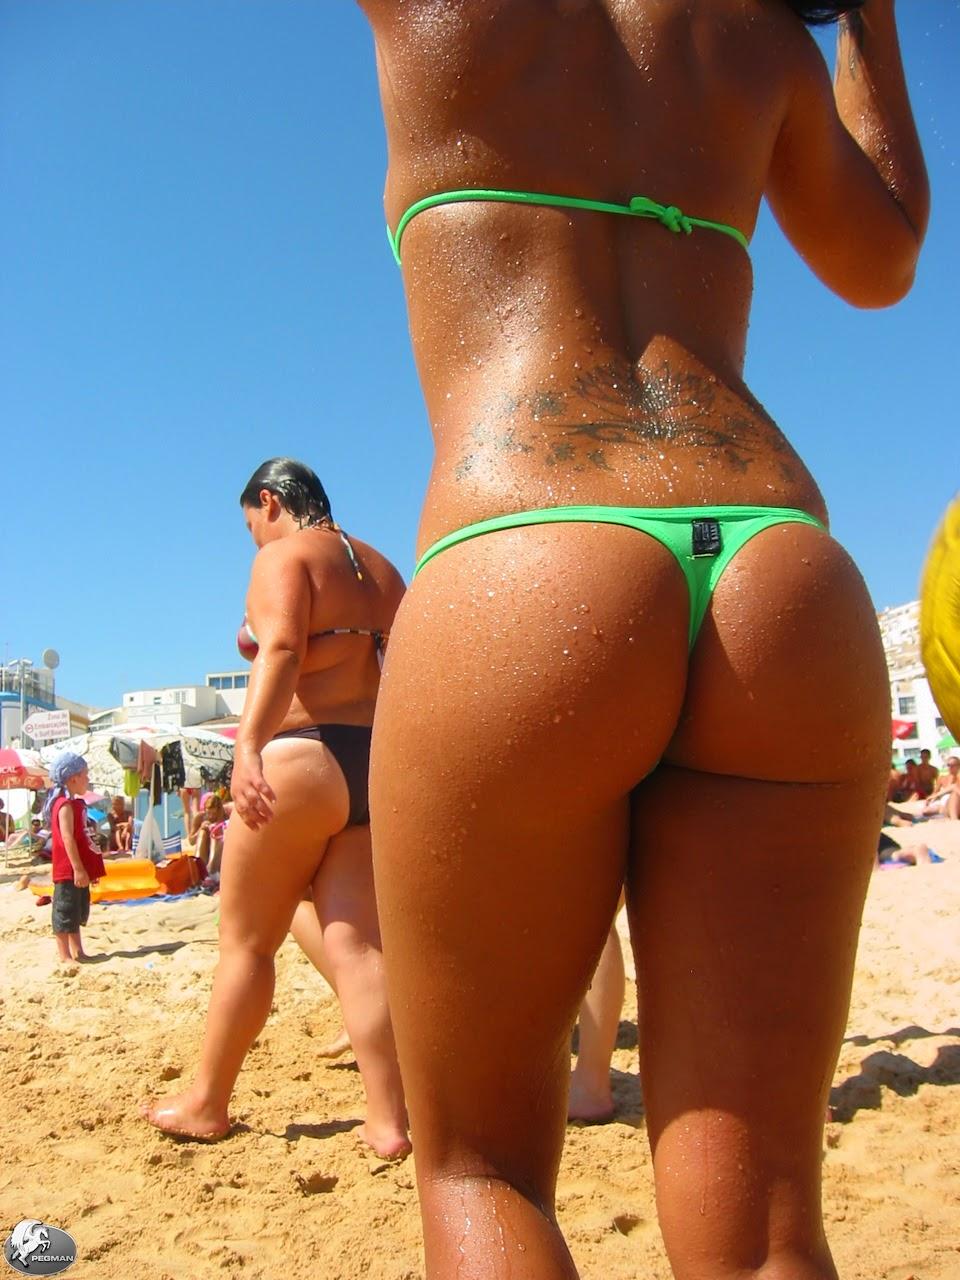 Increíble burbuja de brasil en bikini tanga 5